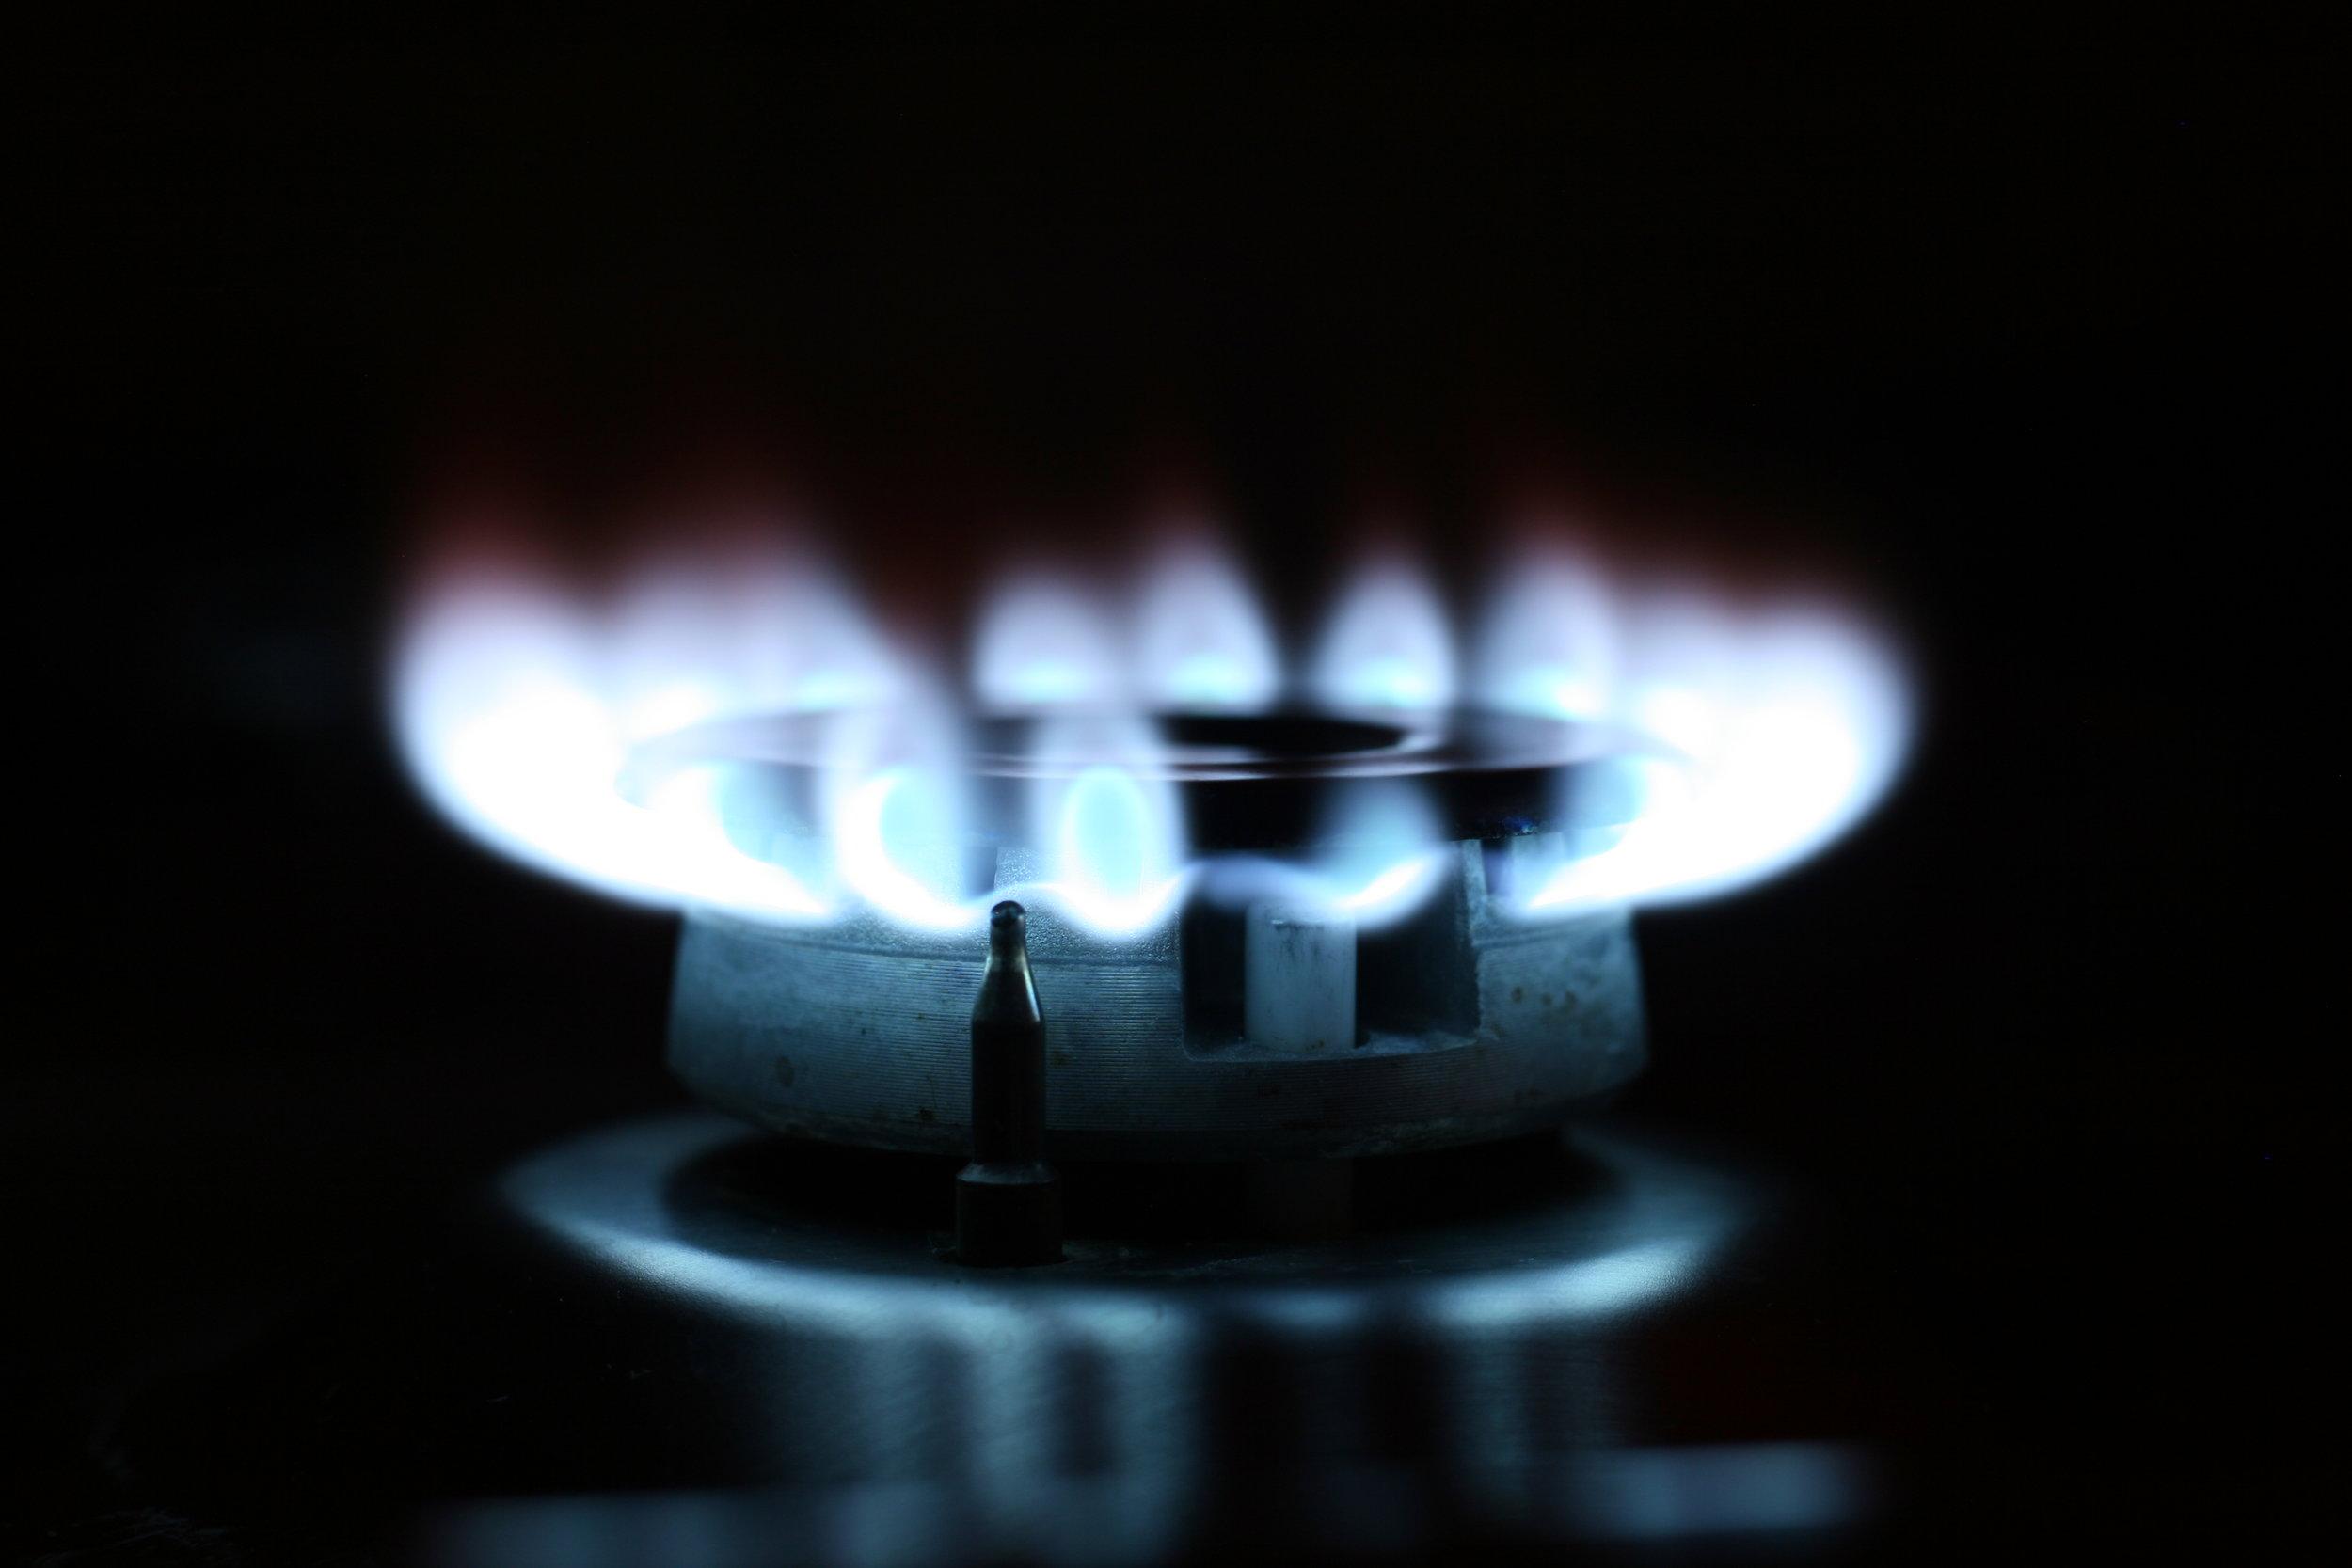 flame-fire-oven-light-77502.jpeg